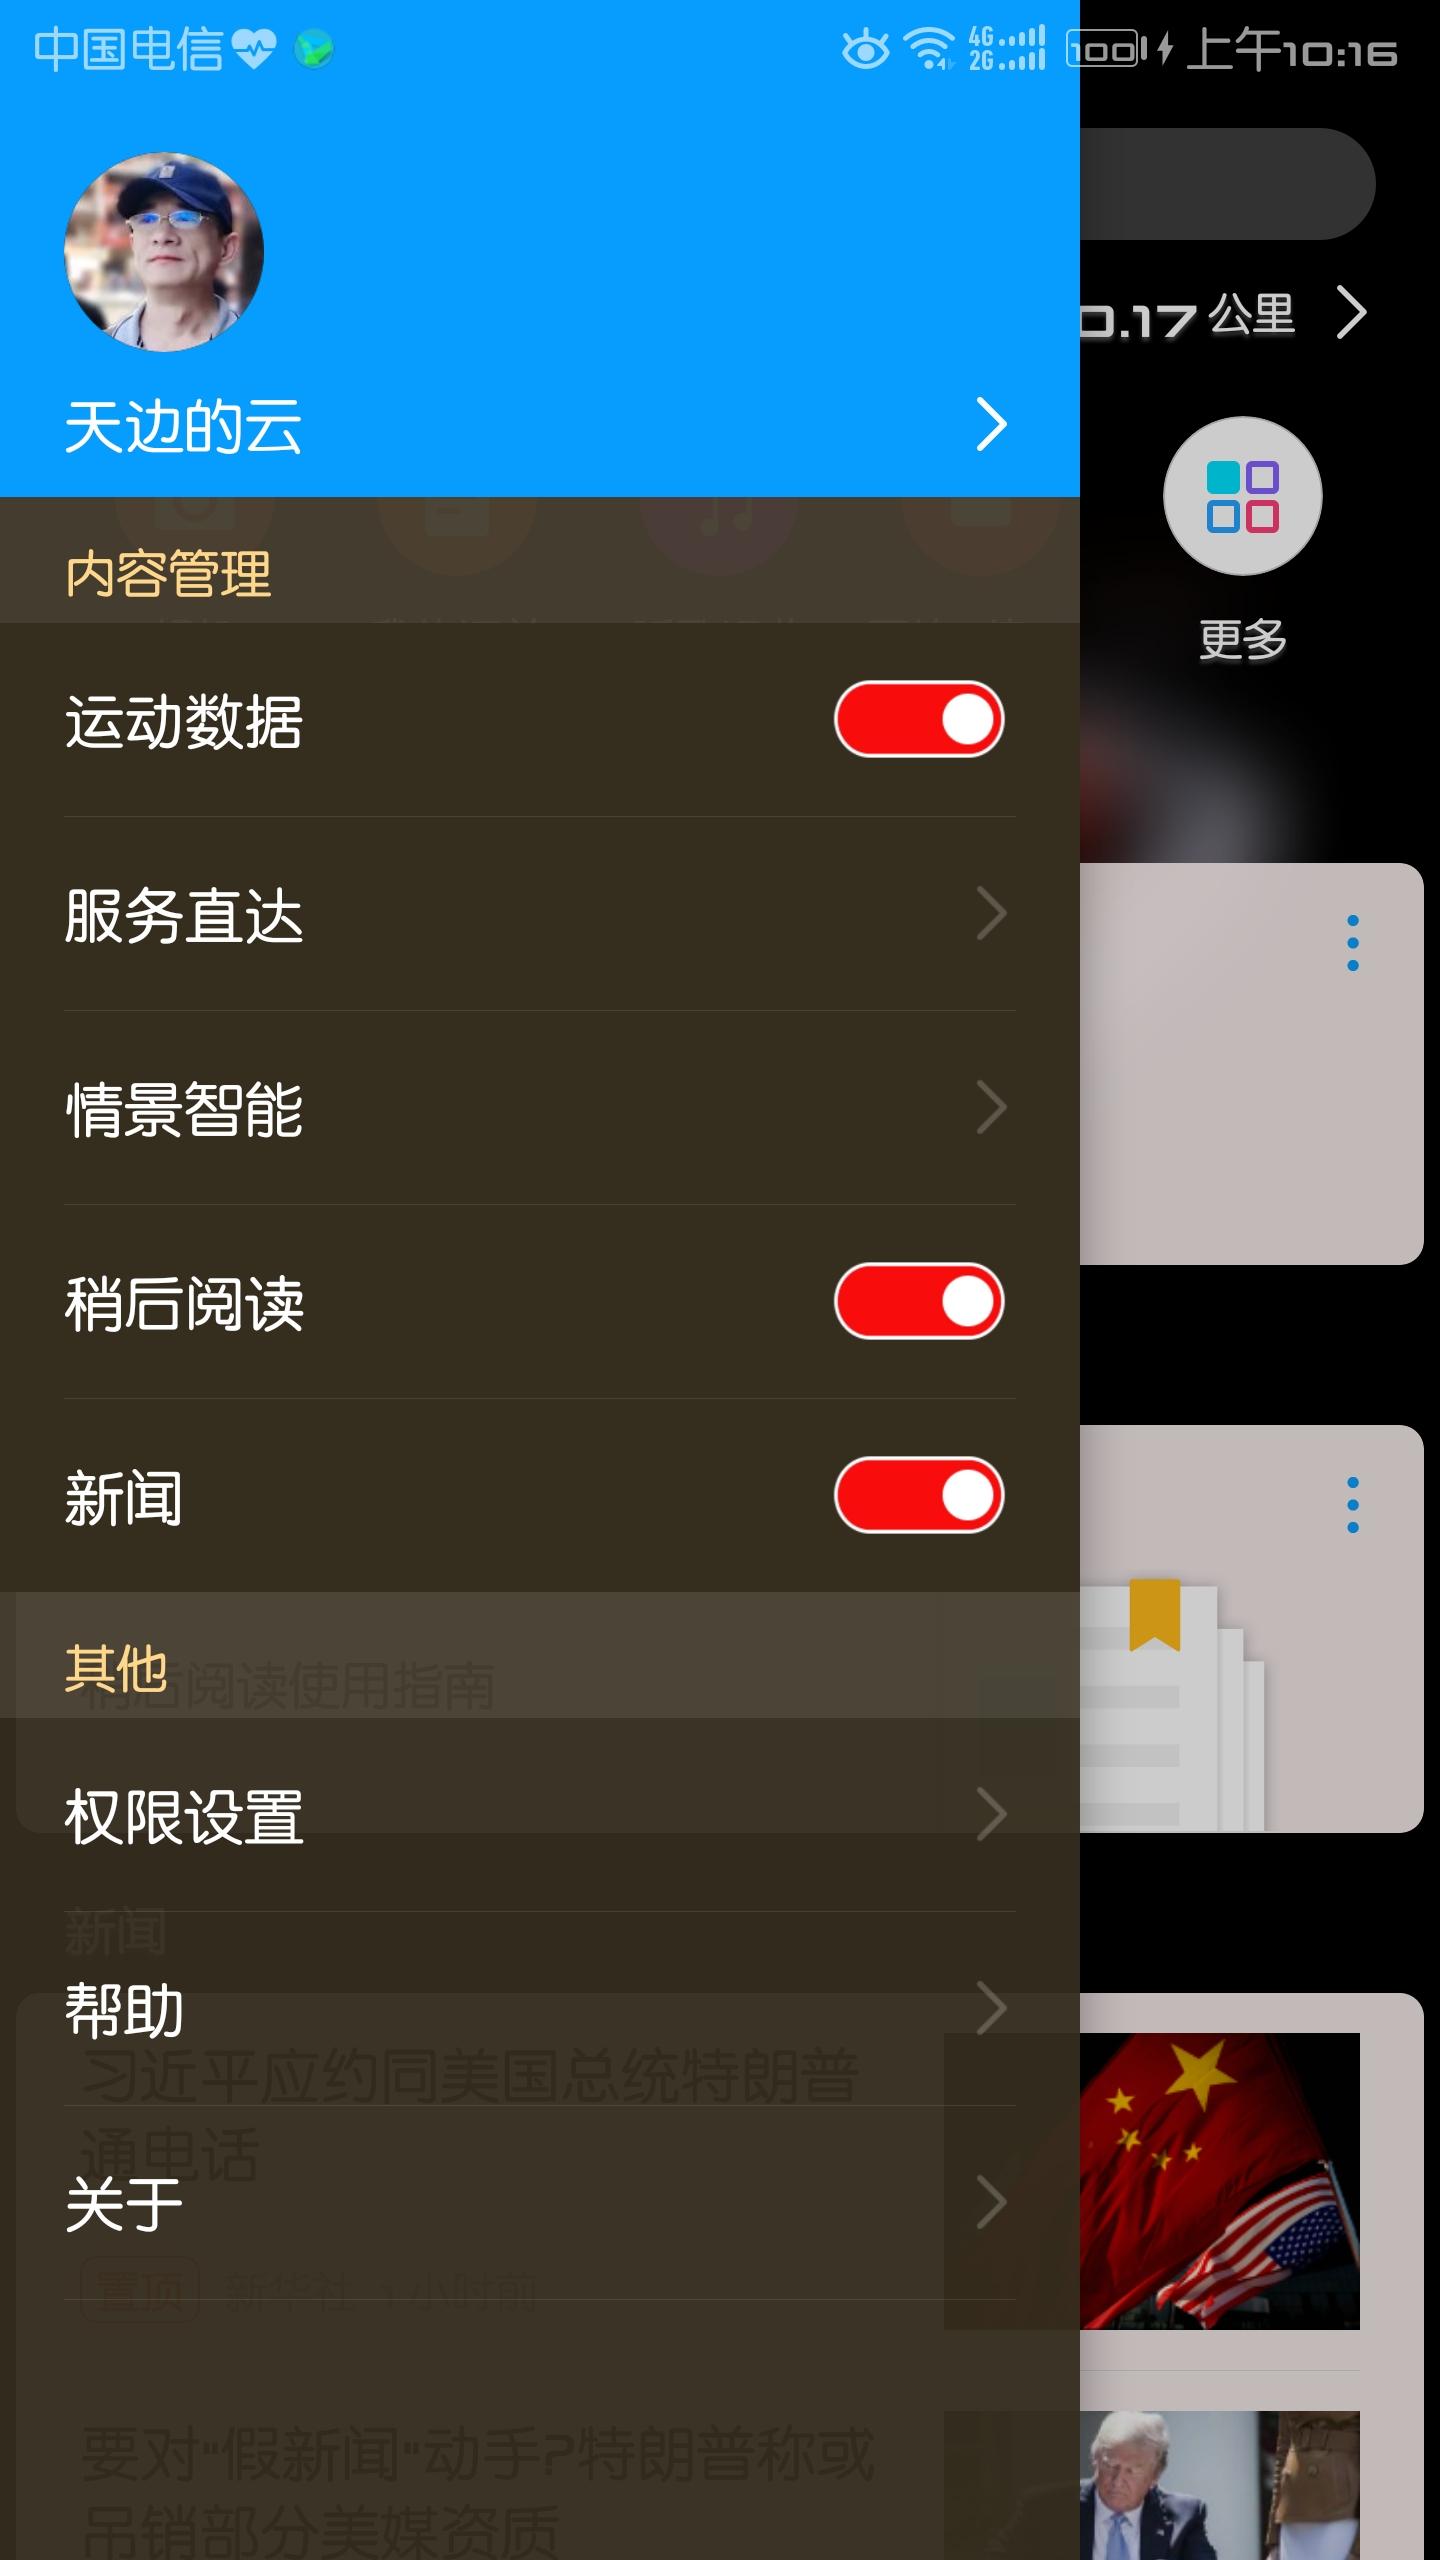 Screenshot_20180510-101657.jpg